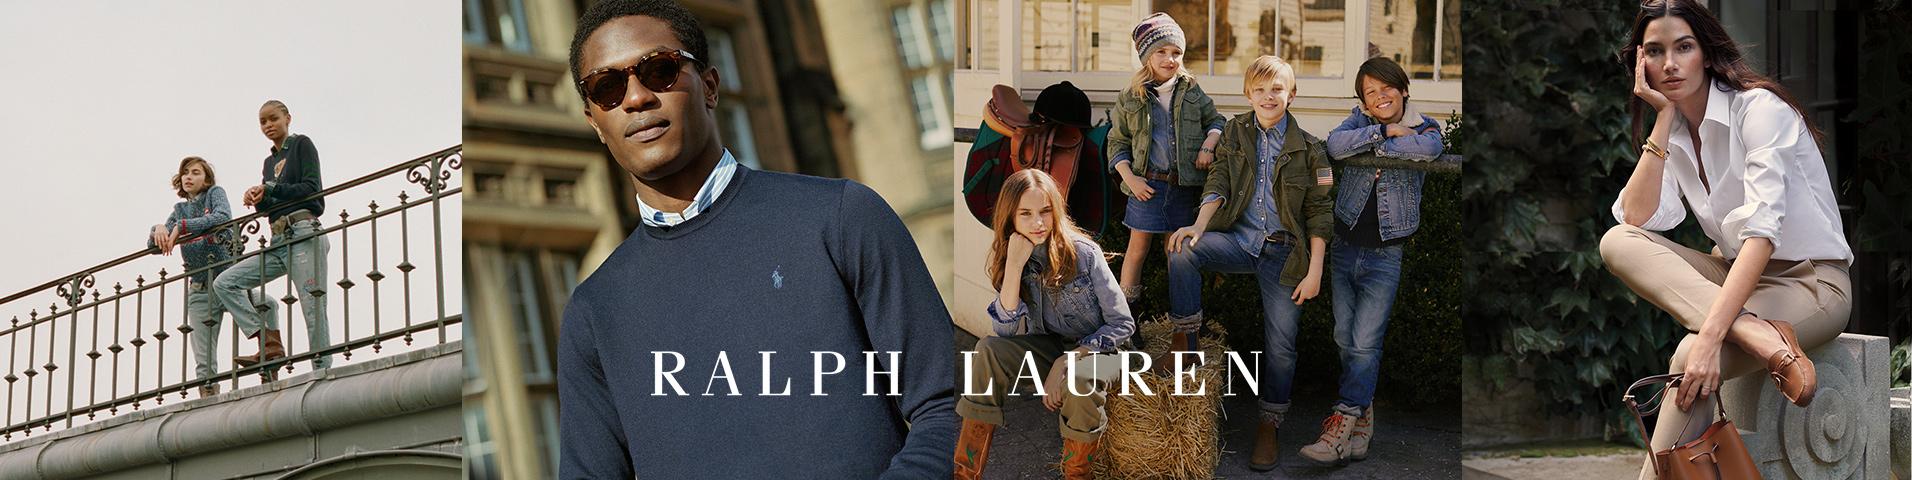 c6d758426598 Polo Ralph Lauren | Comprar la nueva colección online en ZALANDO